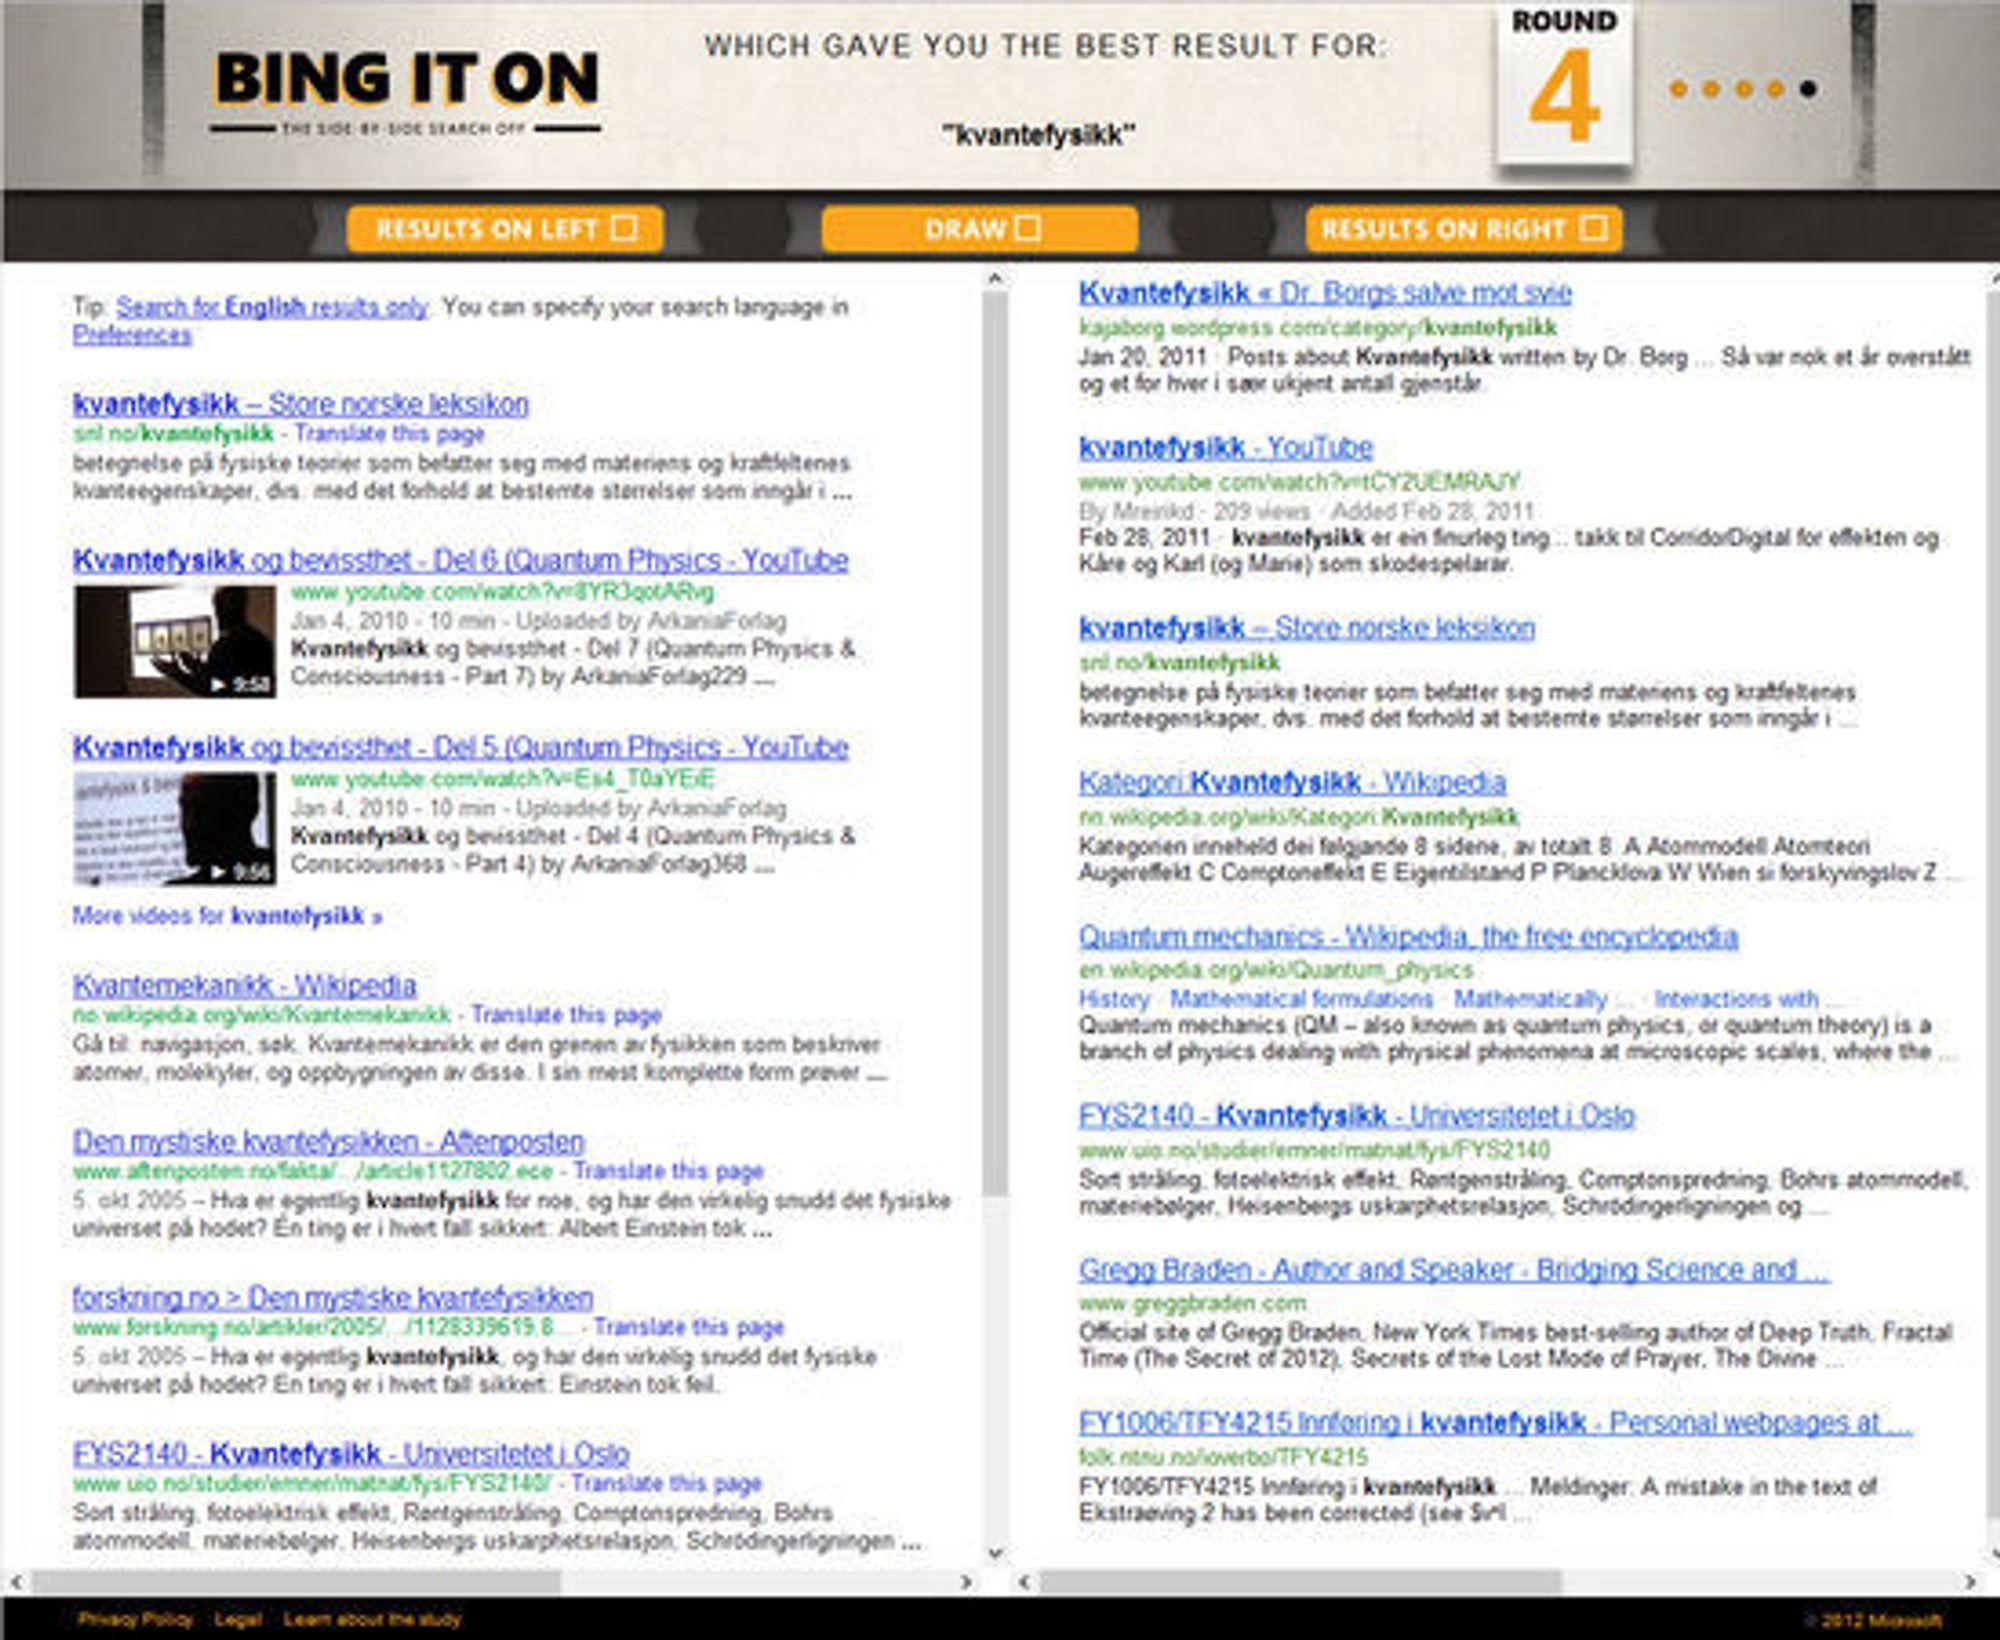 Søk etter ordet «kvantefysikk» i «Bing It On»-blindtesten. Hvilket resultat foretrekker du?